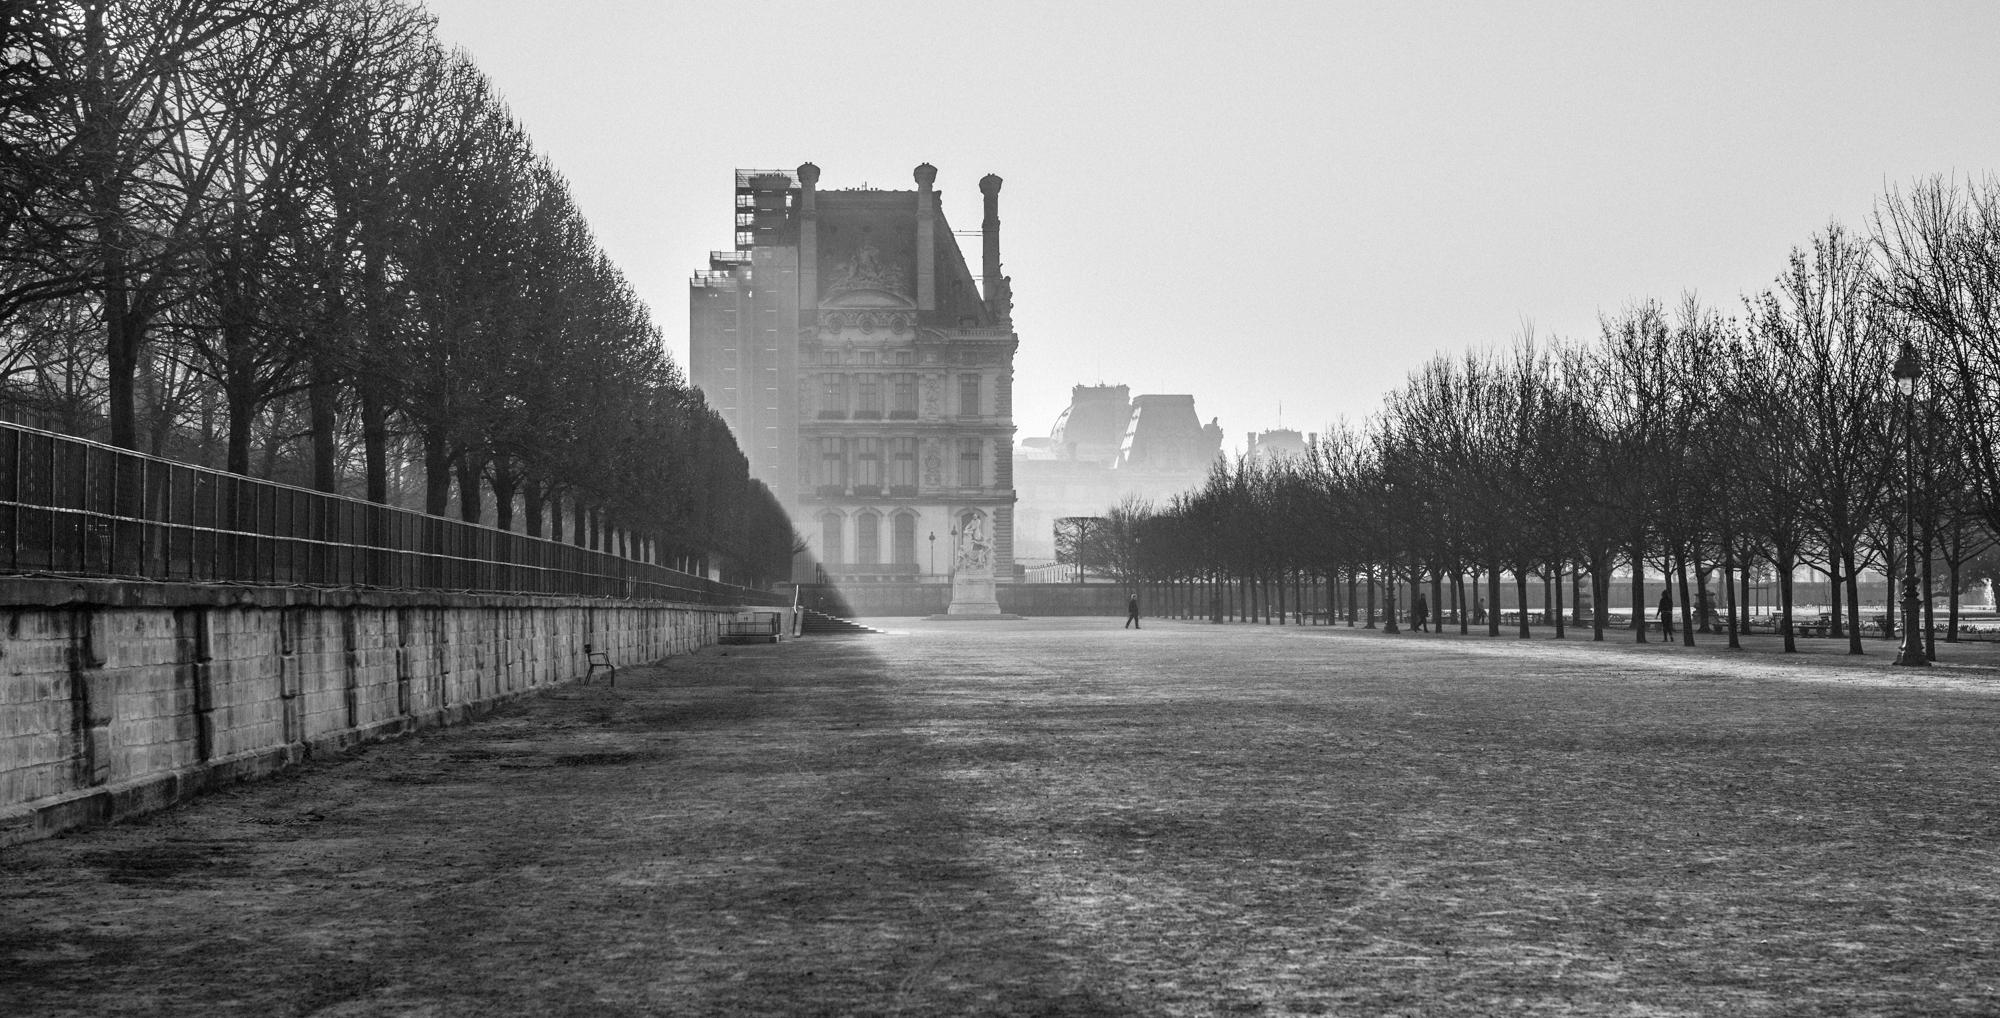 Tuileries, Paris 2014